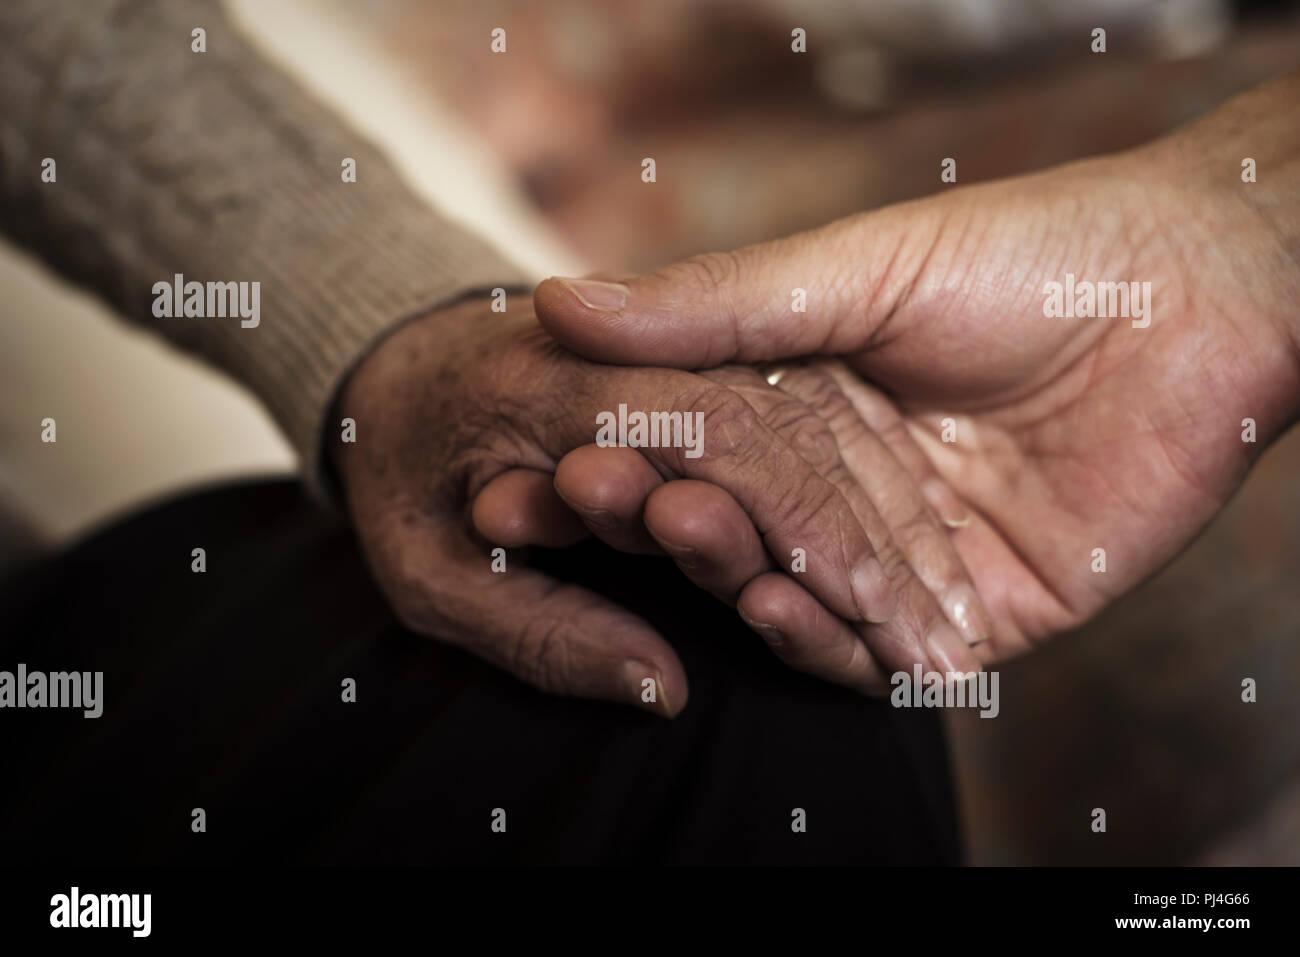 Primer plano de un joven hombre caucásico llevando de la mano a una vieja mujer caucásica con afecto Imagen De Stock